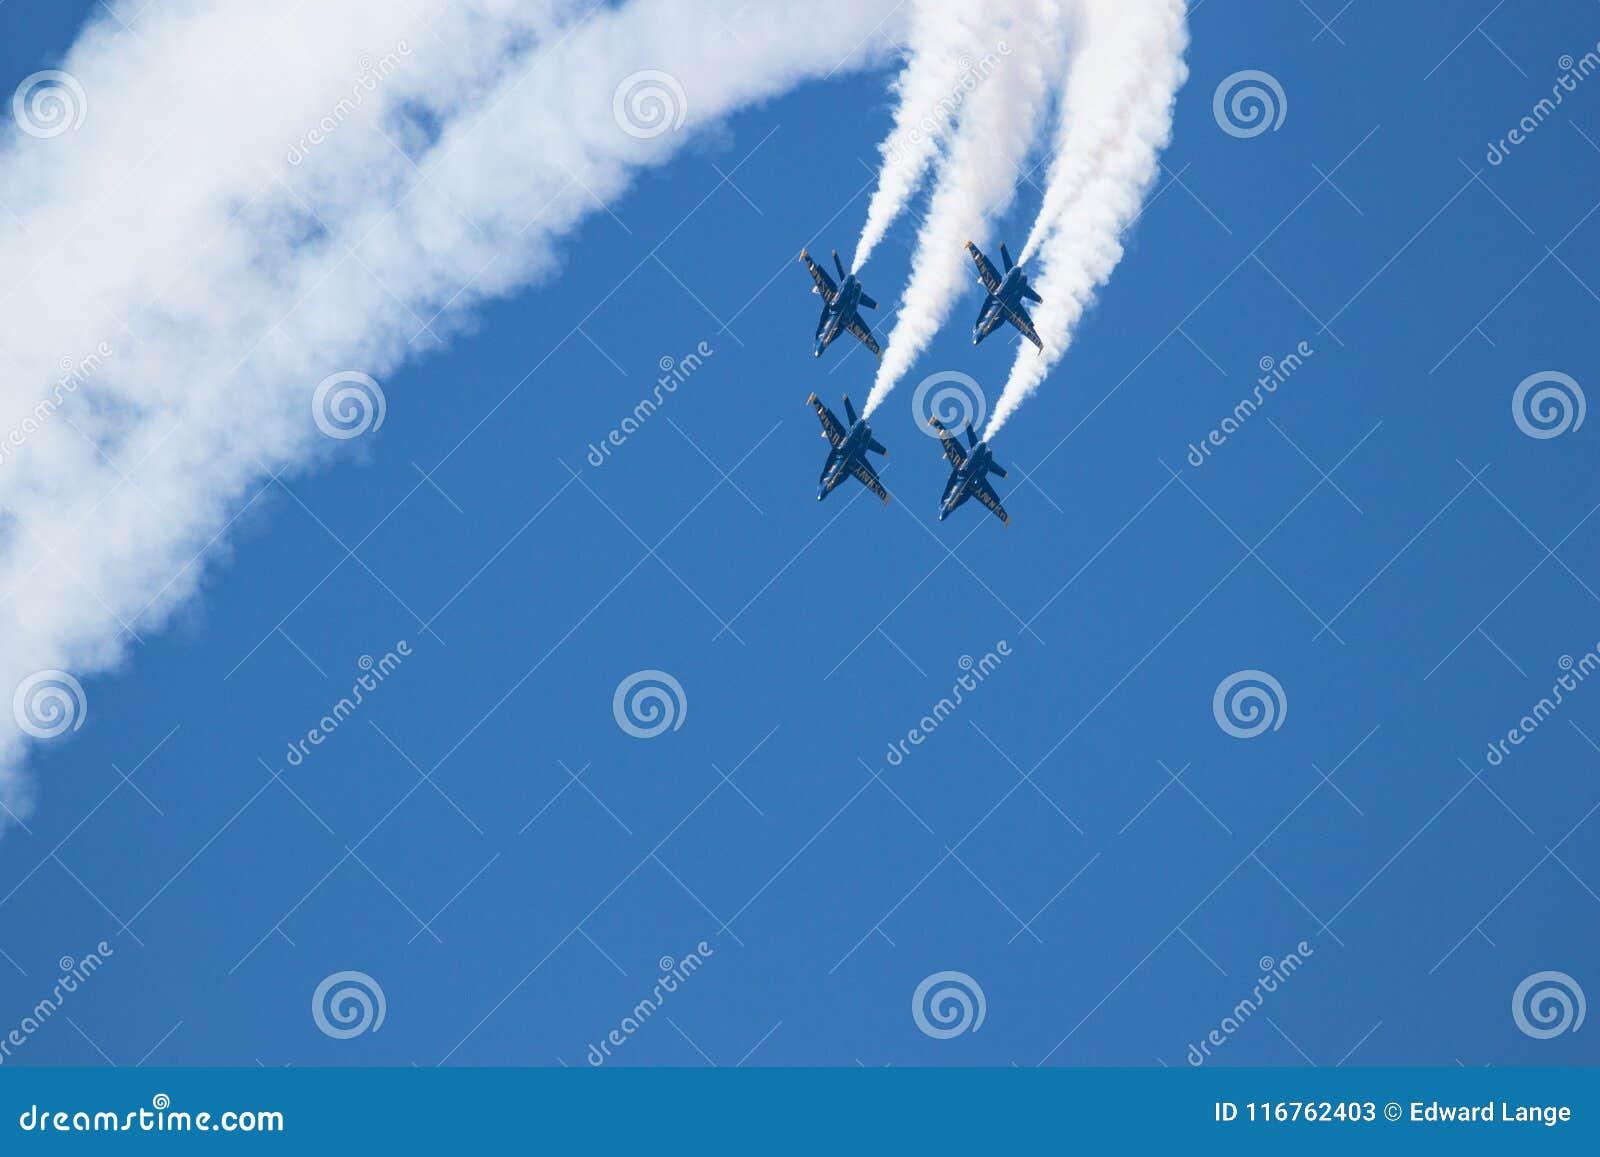 Myrtle Beach South Carolina Air show med de blåa änglarna